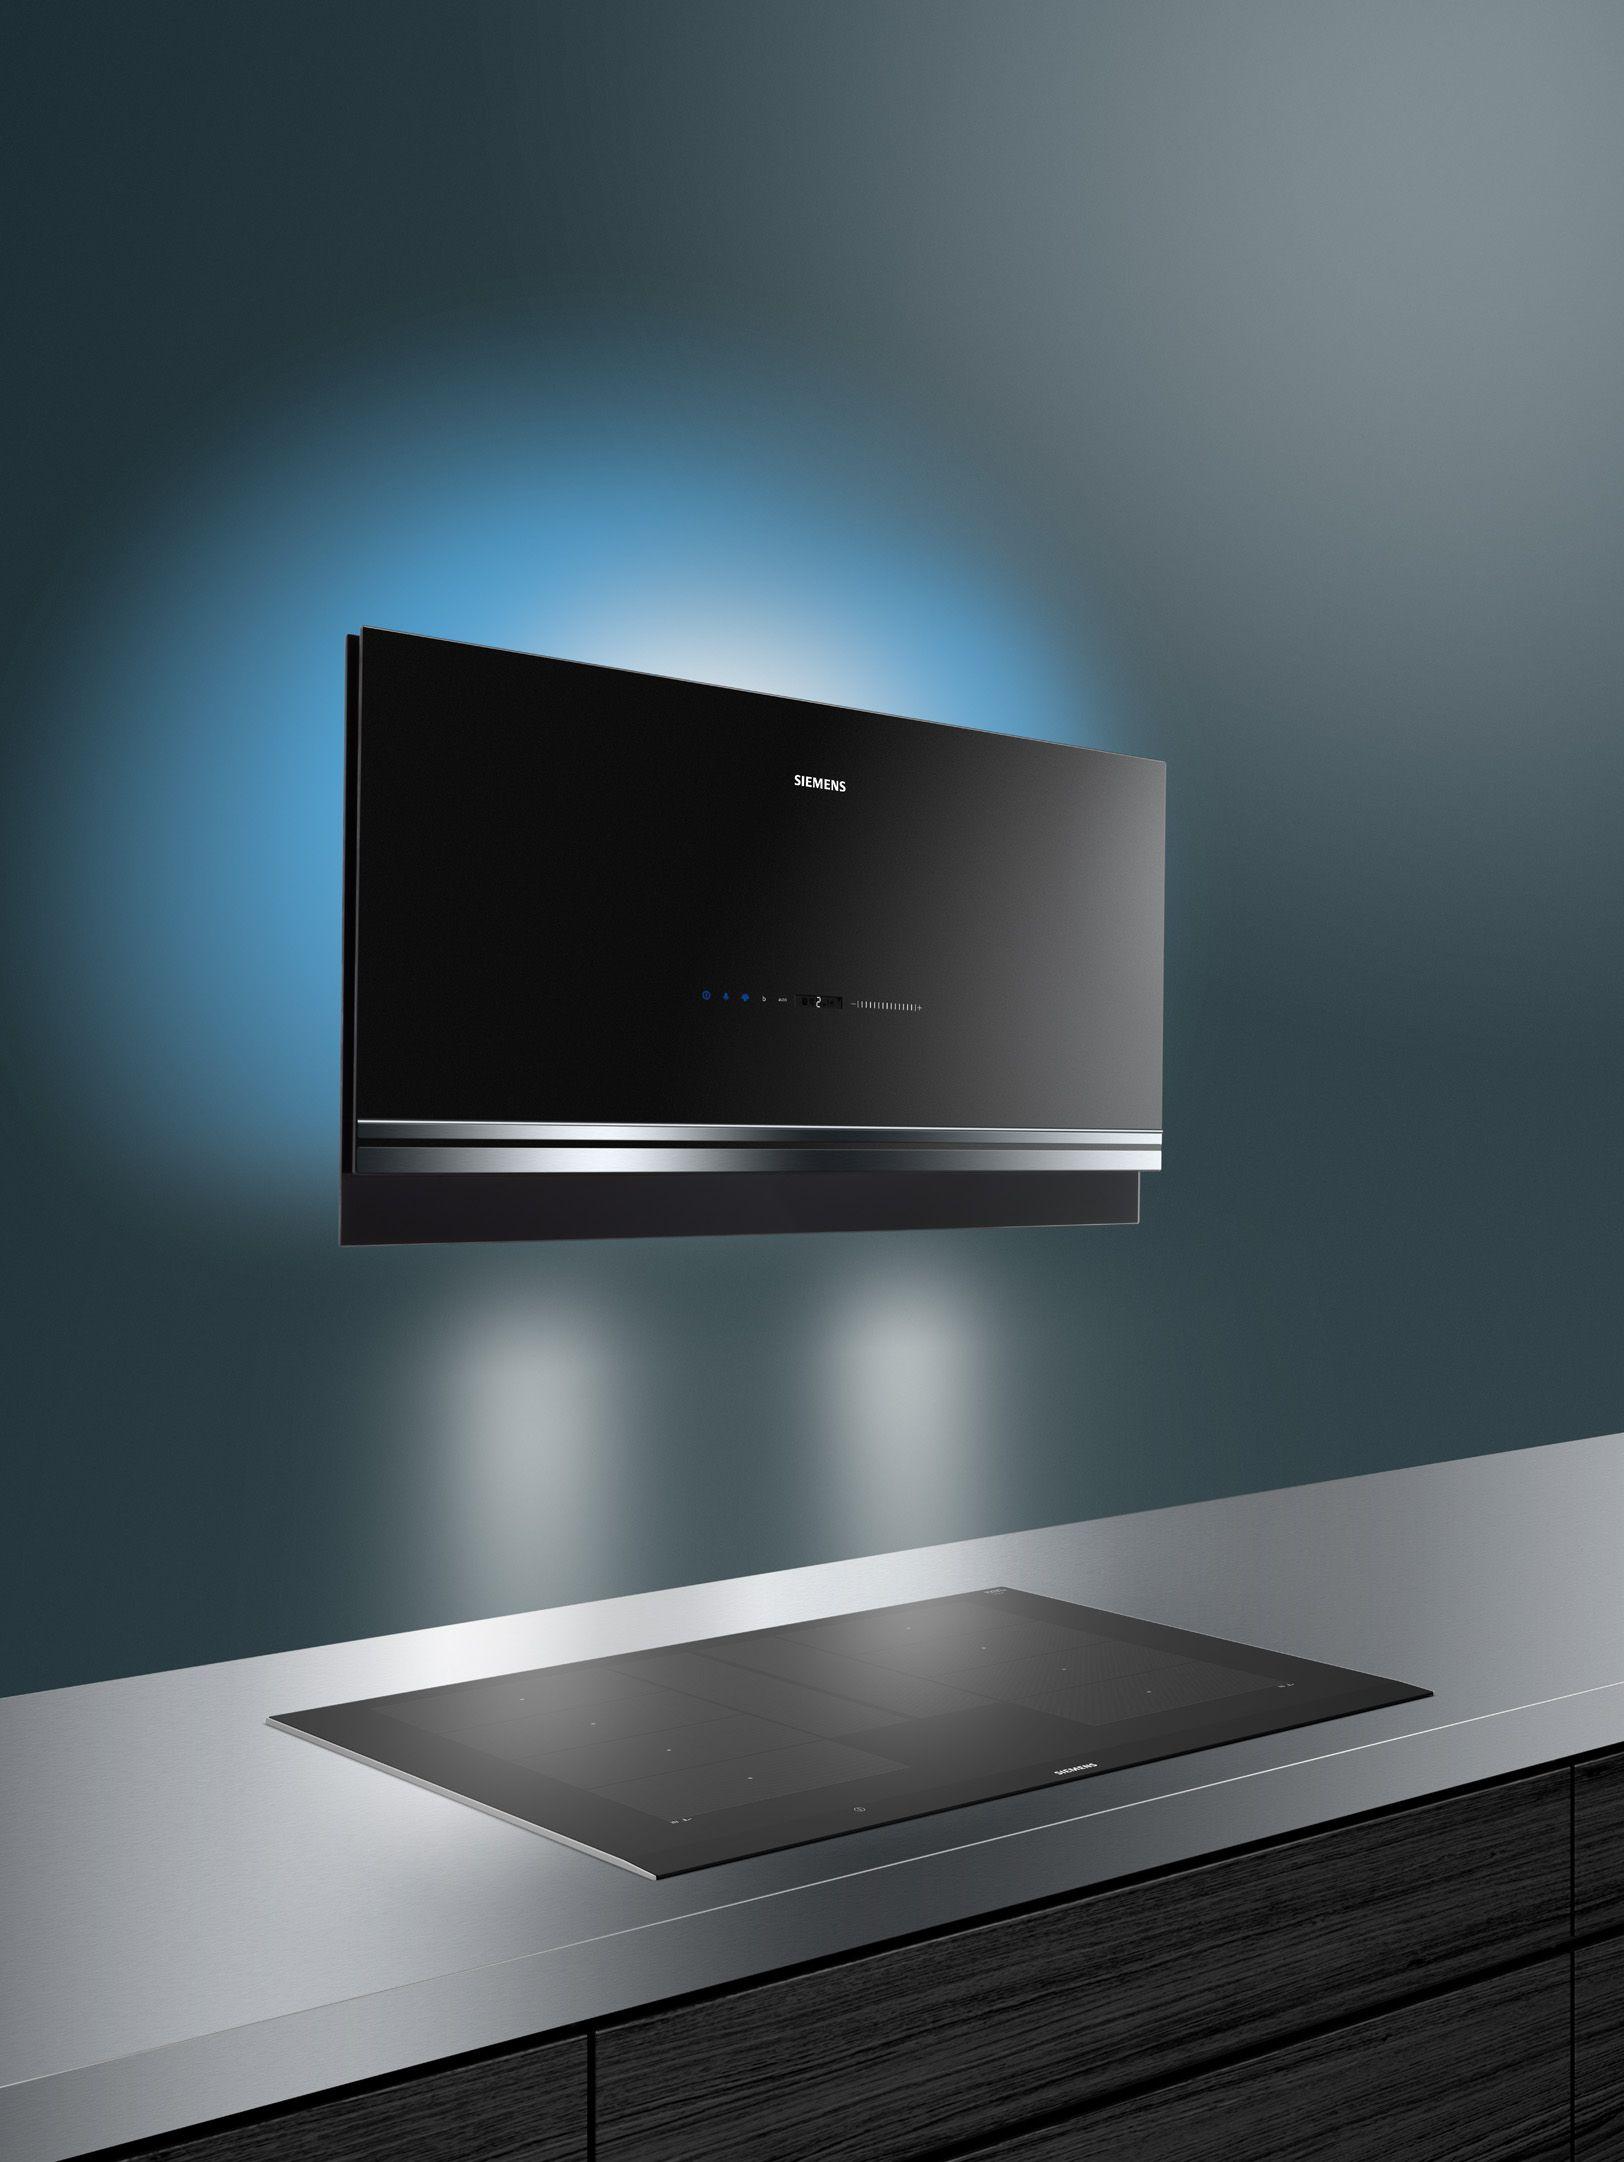 Die siemens dunstabzugshaube iq700 mit emotionlight pro verändert die wechselnde farben und die led arbeitsbeleuchtung